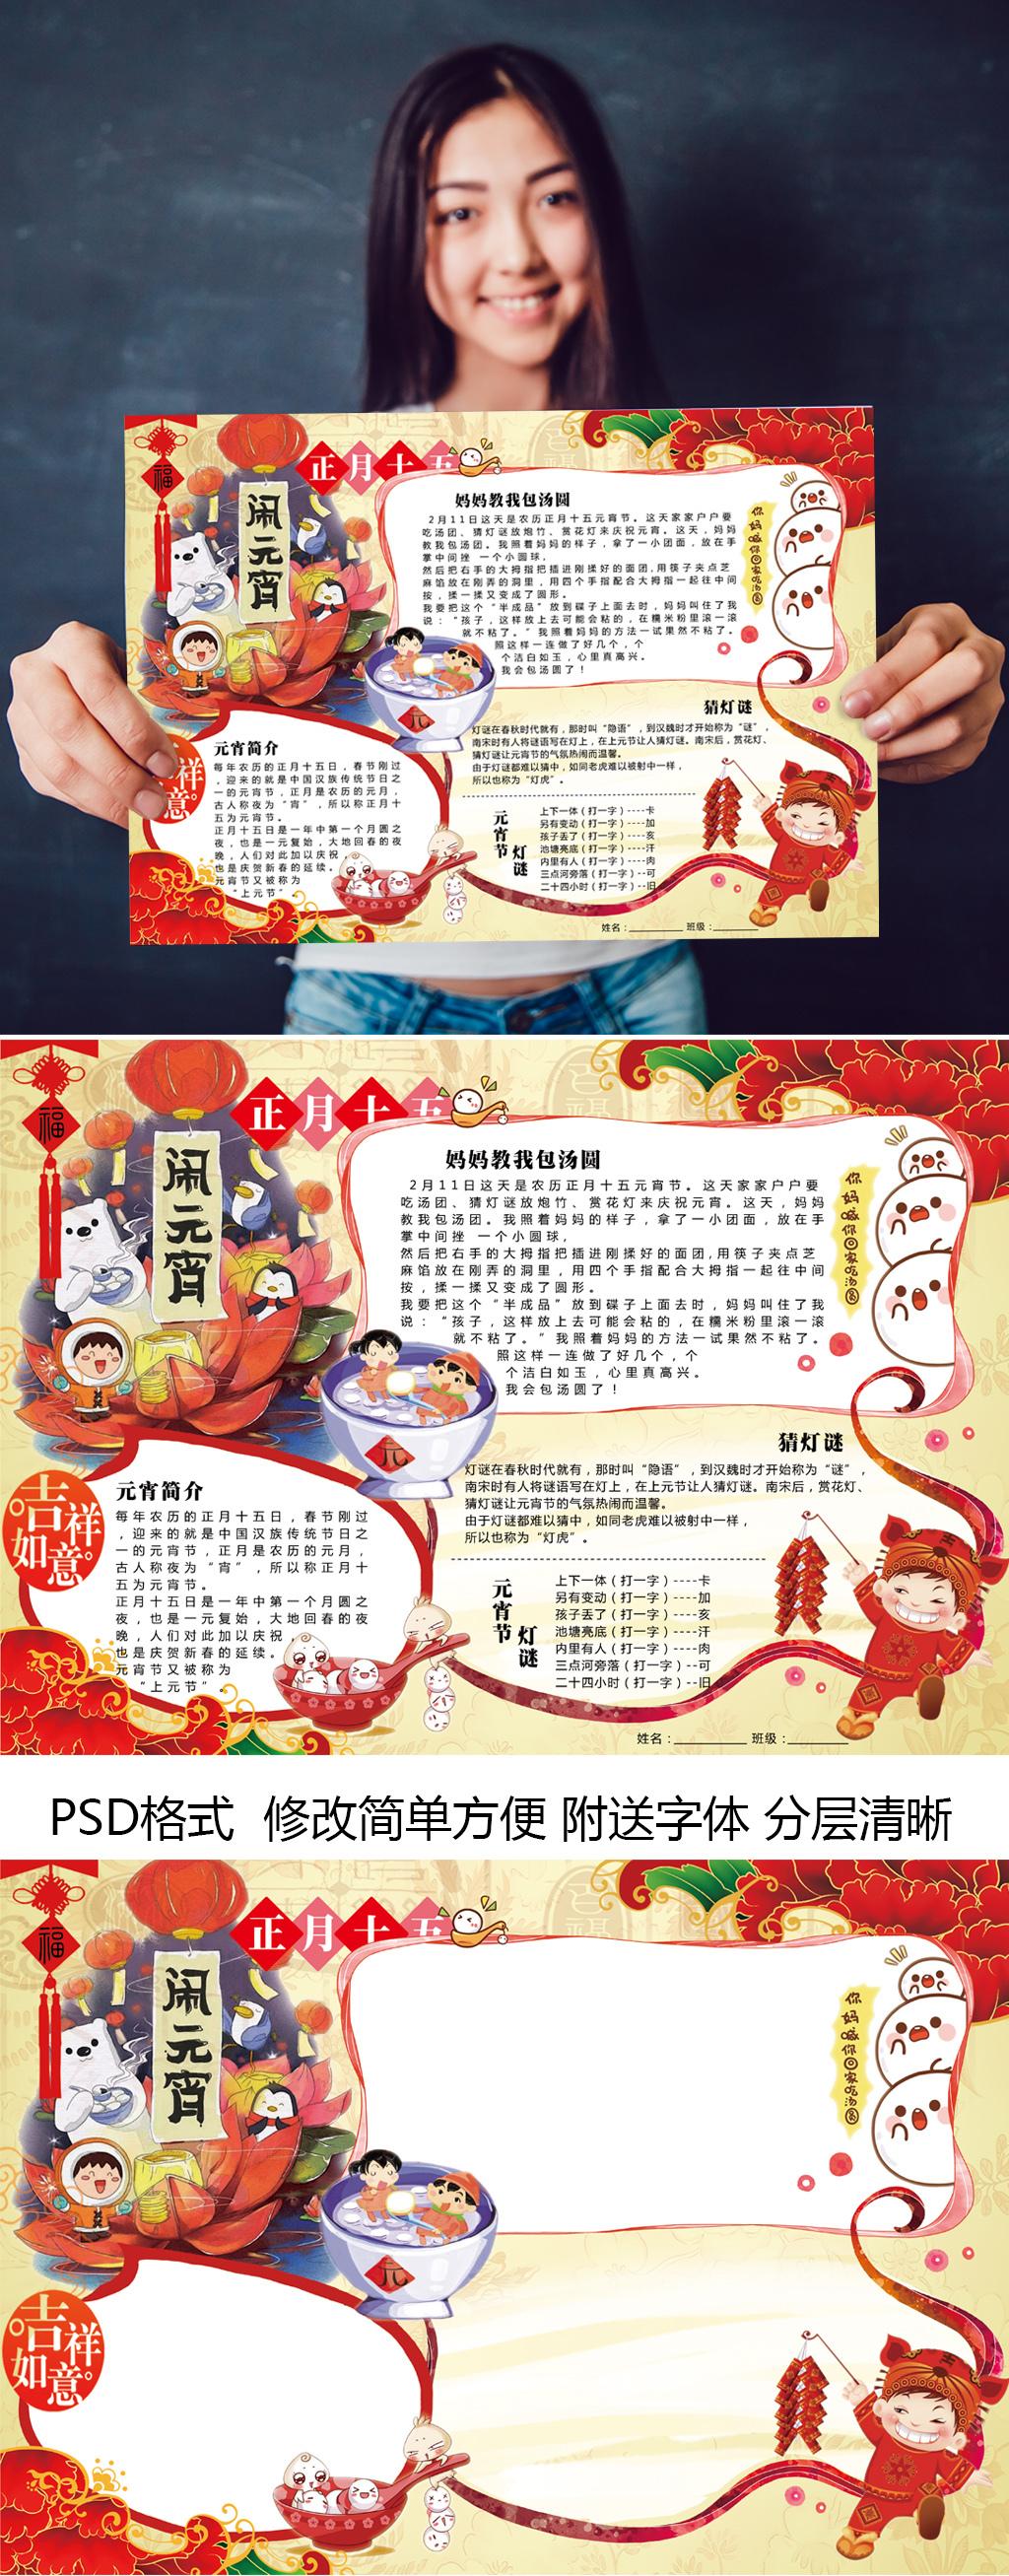 中国风鸡年元宵节手抄报版面设计图片素材(其他格式)